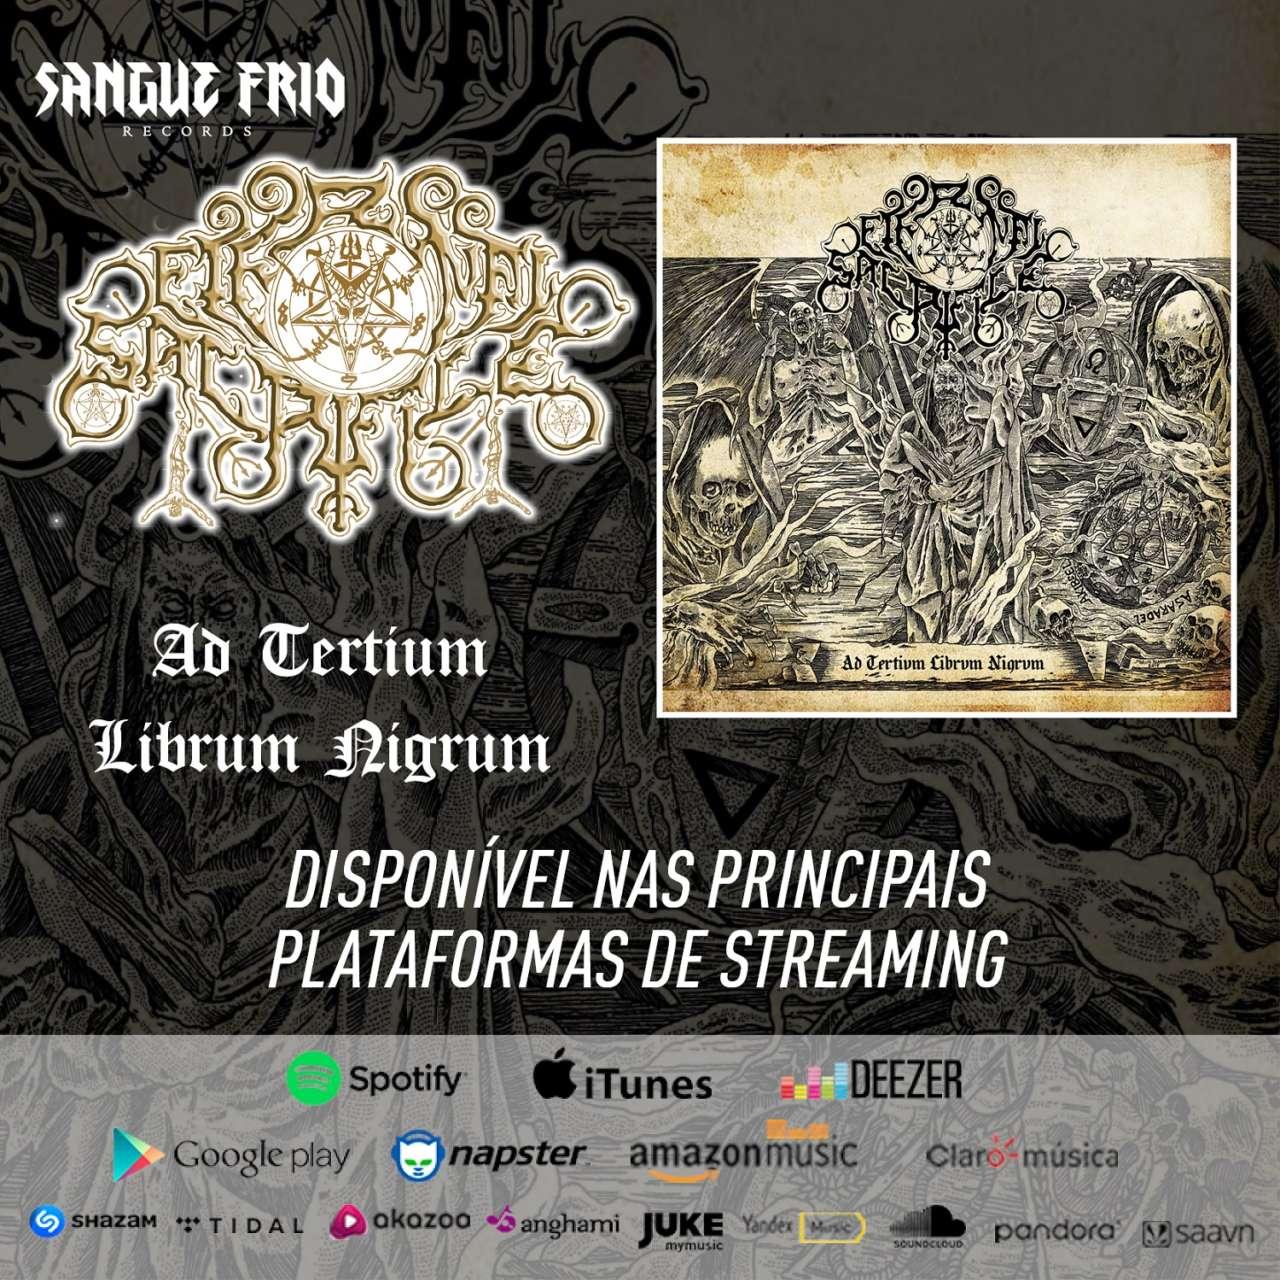 """ETERNAL SACRIFICE: """"Ad Tertium Librum Nigrum"""" já está dentre as principais plataformas de streaming, ouça agora!"""